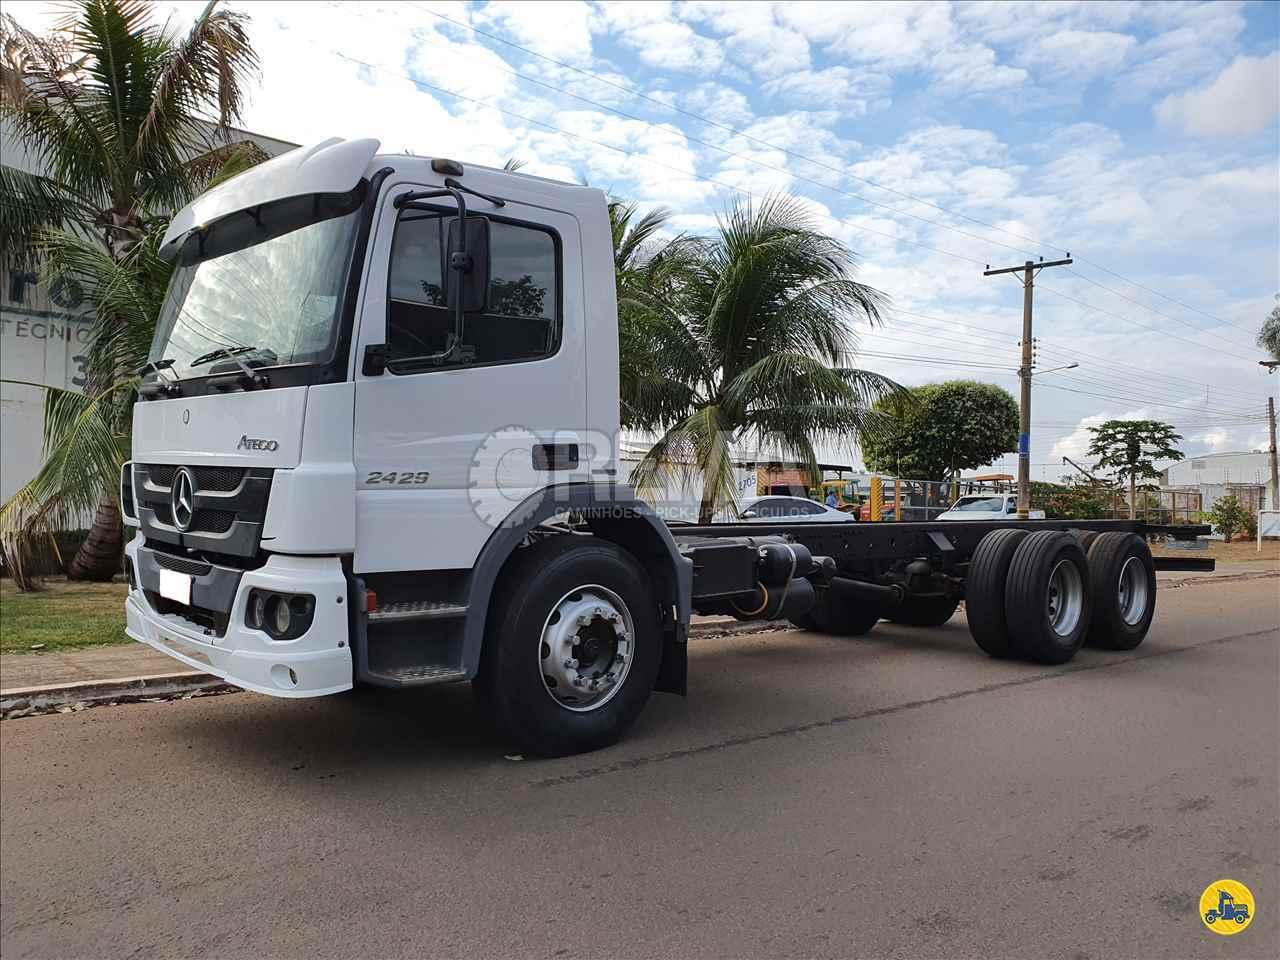 CAMINHAO MERCEDES-BENZ MB 2429 Chassis Truck 6x2 Rema Caminhões - MS CAMPO GRANDE MATO GROSSO DO SUL MS